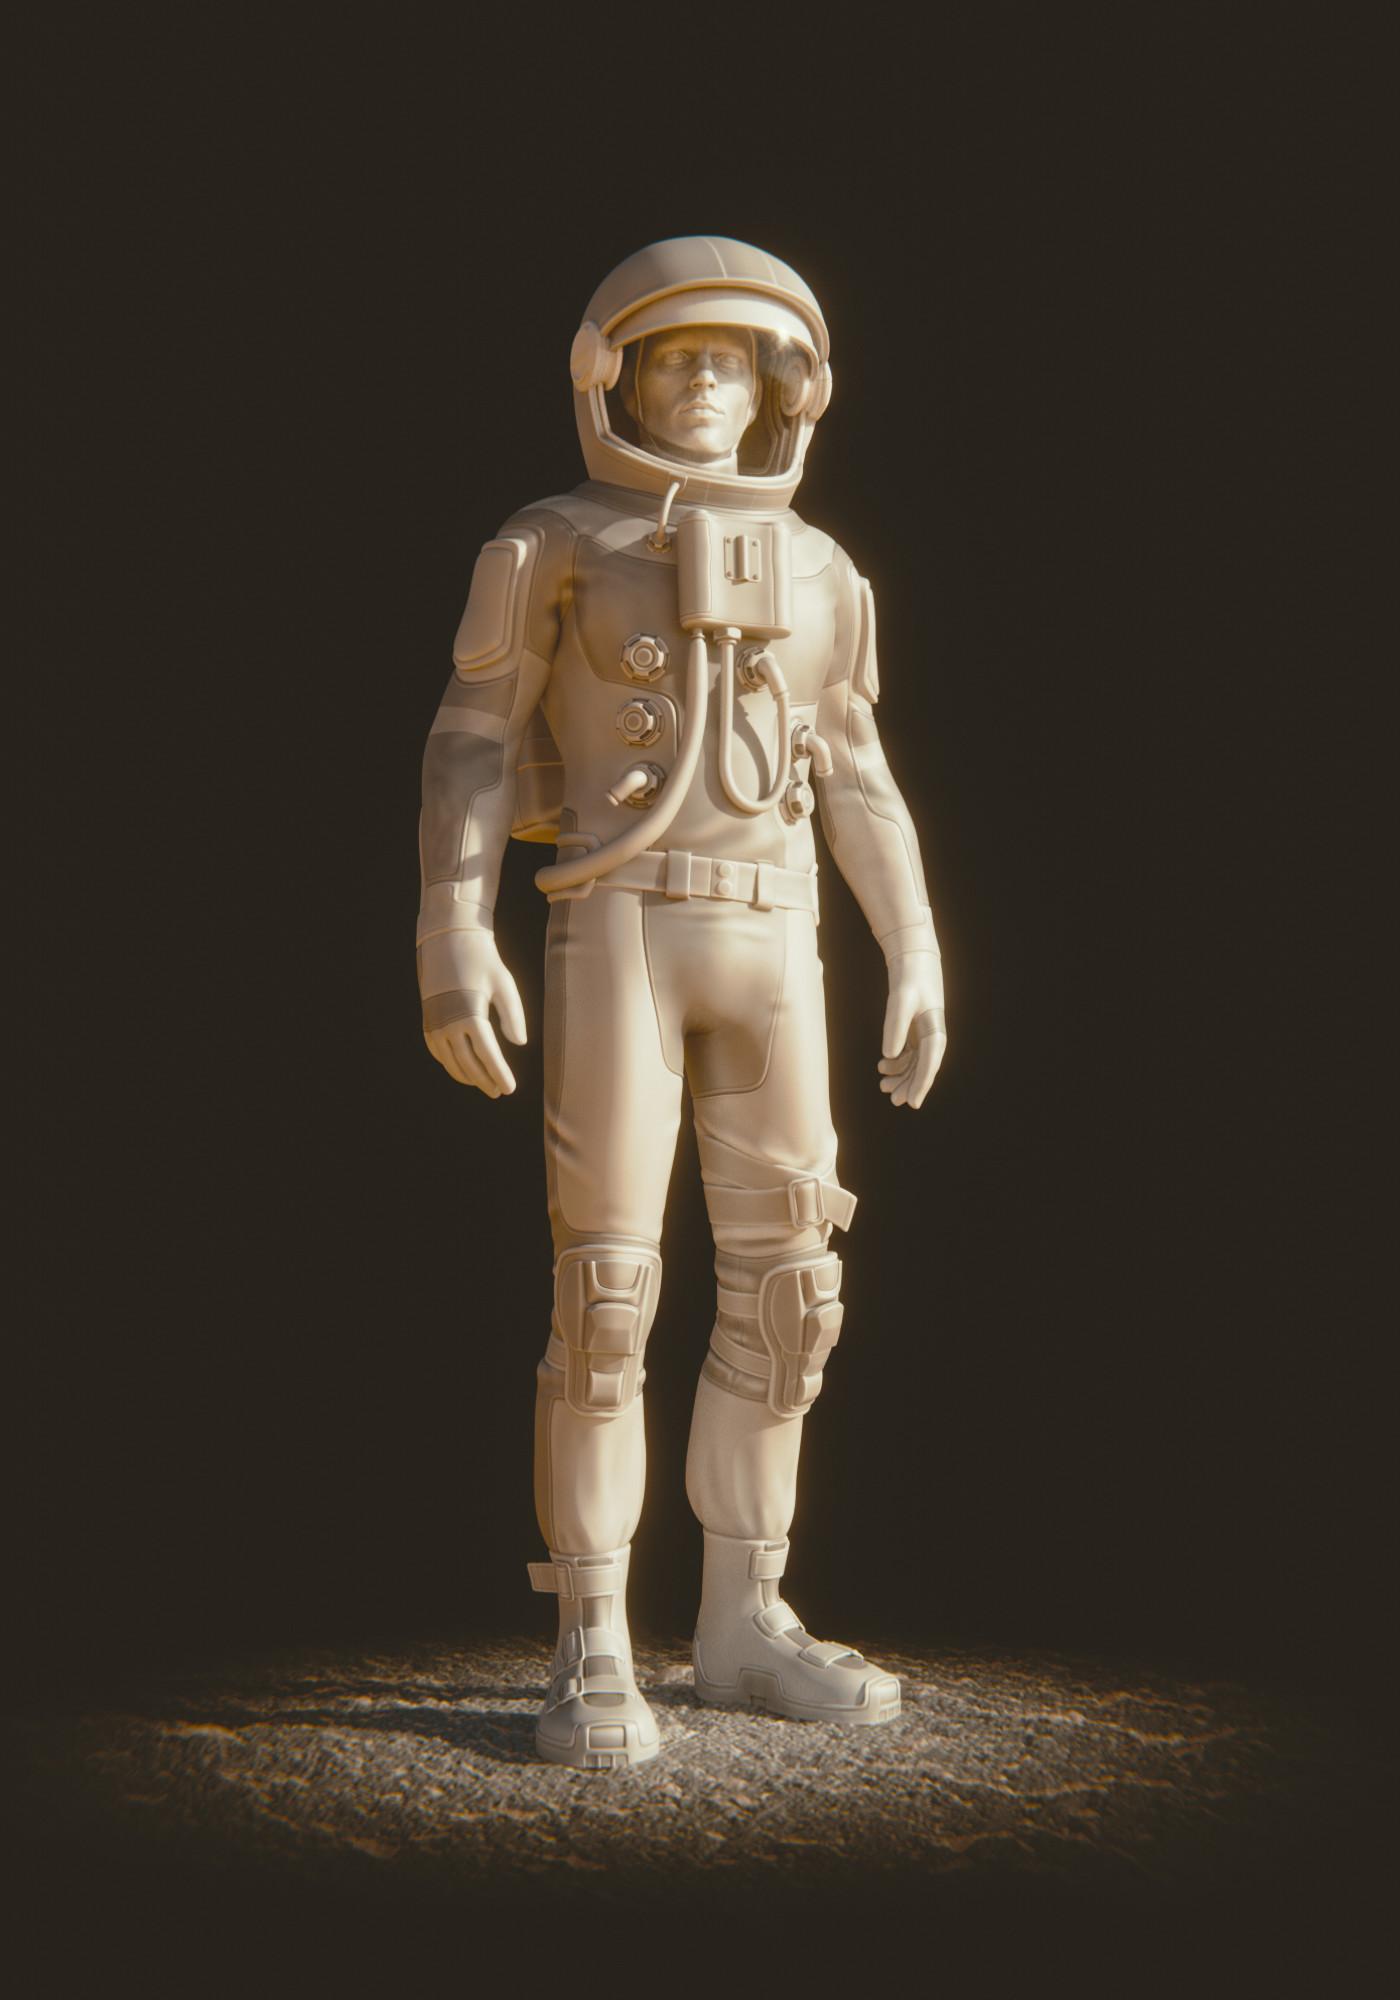 Lucas falcao austronaut suit wip19